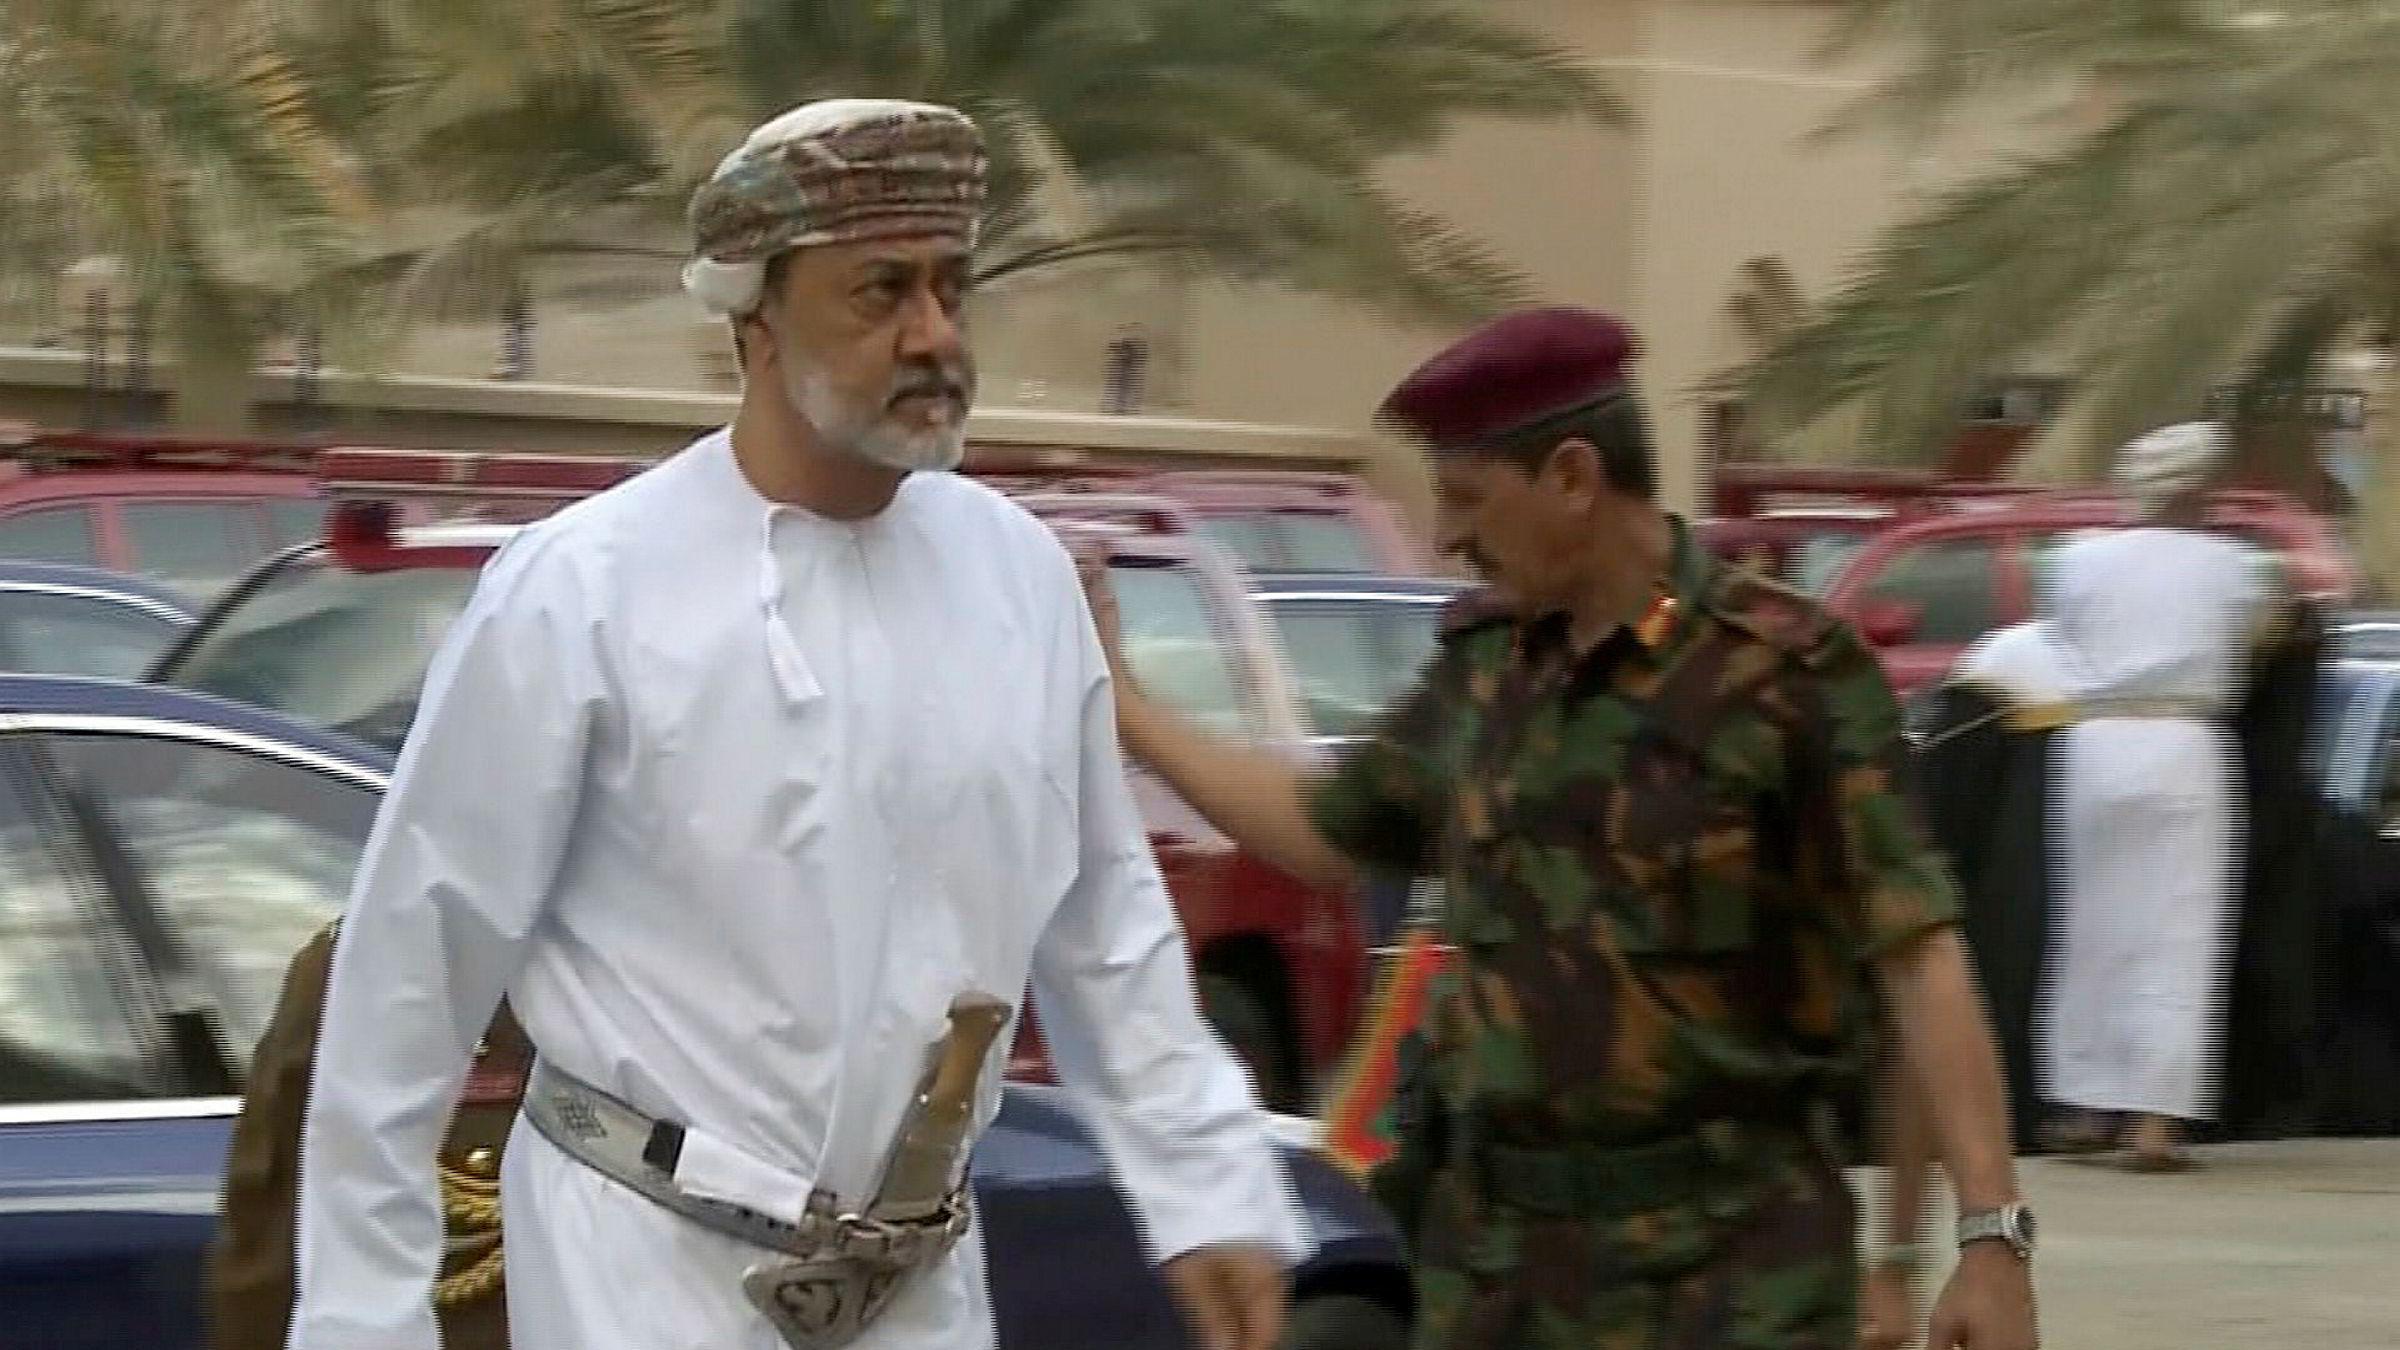 Omans nye sultan Haitham bin Tariq ankommer begravelsen til sin forgjenger og fetter sultan Qaboos i Muscat.